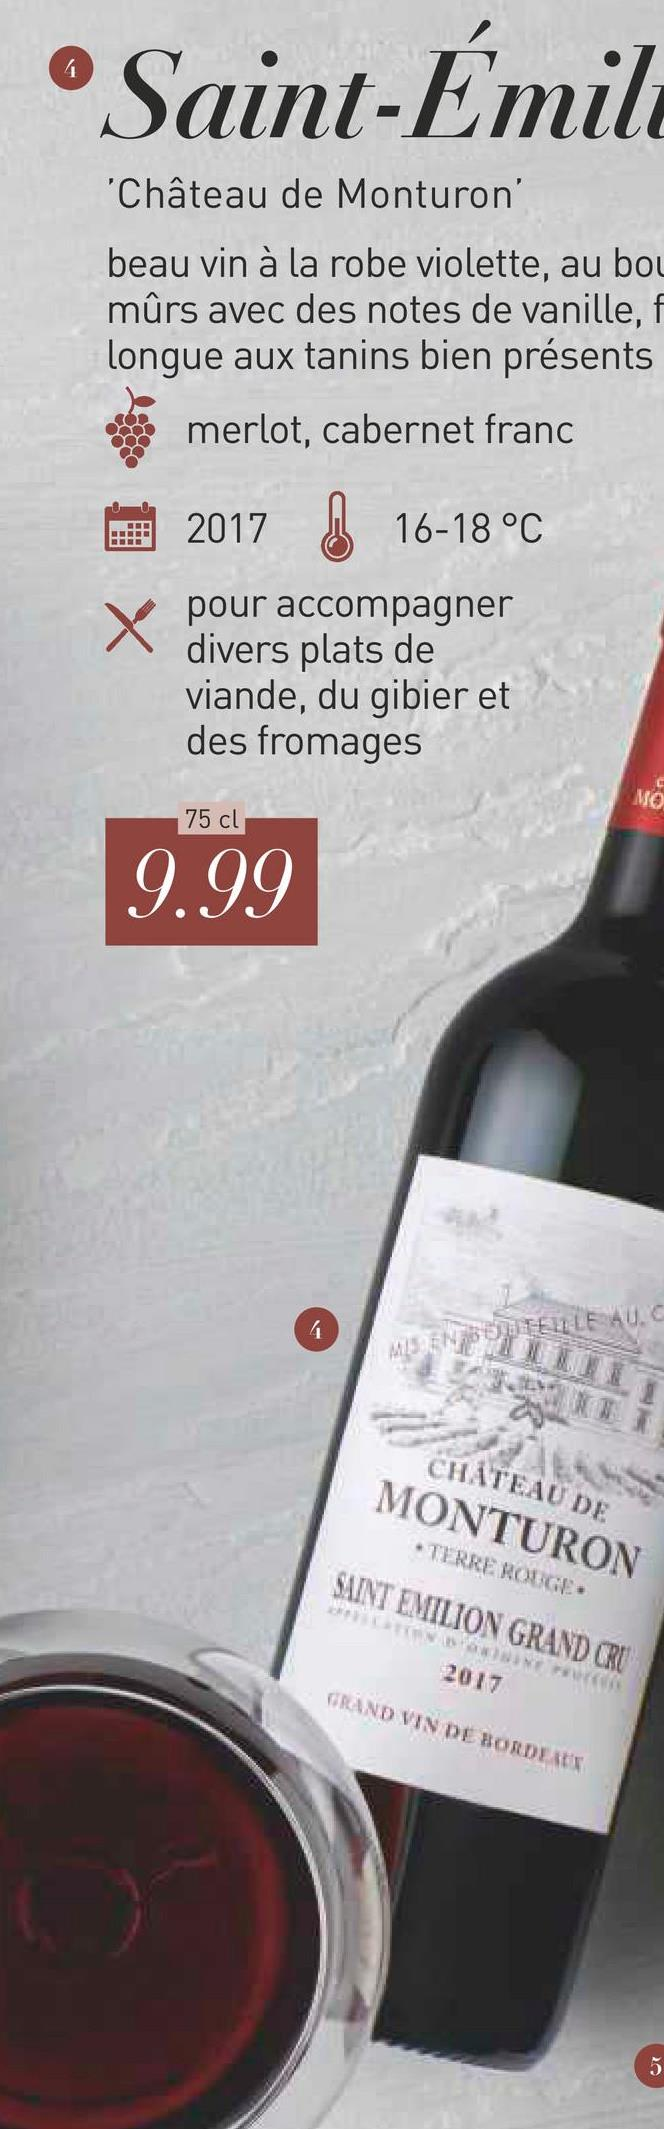 •Saint-Émil 'Château de Monturon' beau vin à la robe violette, au bou mûrs avec des notes de vanille, f longue aux tanins bien présents merlot, cabernet franc 2017 16-18 °C pour accompagner divers plats de viande, du gibier et des fromages 75 cl 9.99 CHATEAU DE MONTURON * TIRRE ROUGE SAINT EMILION GRAND CRU 2017 TRAND VIN DE BORDEATH